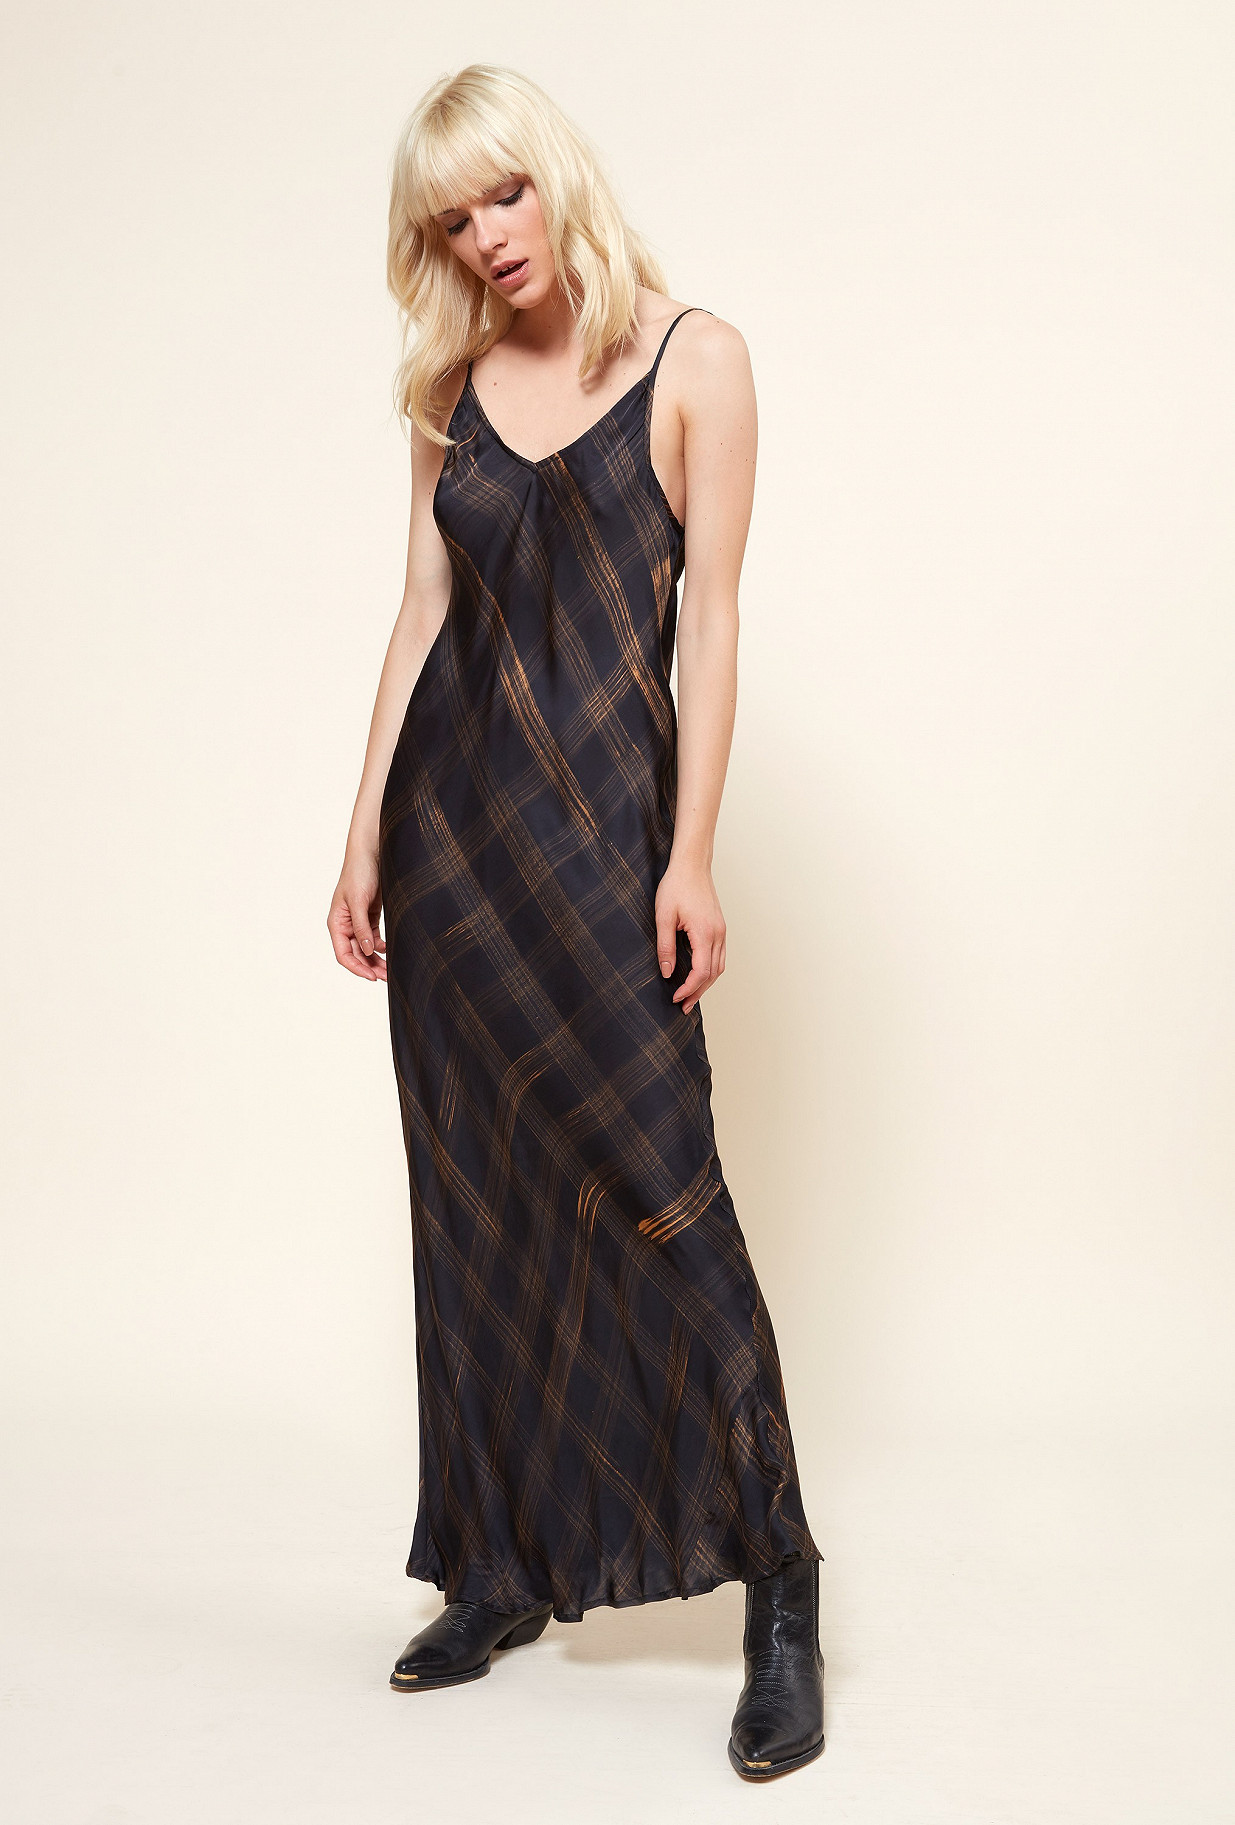 Paris boutique de mode vêtement Robe créateur bohème  Grenelle